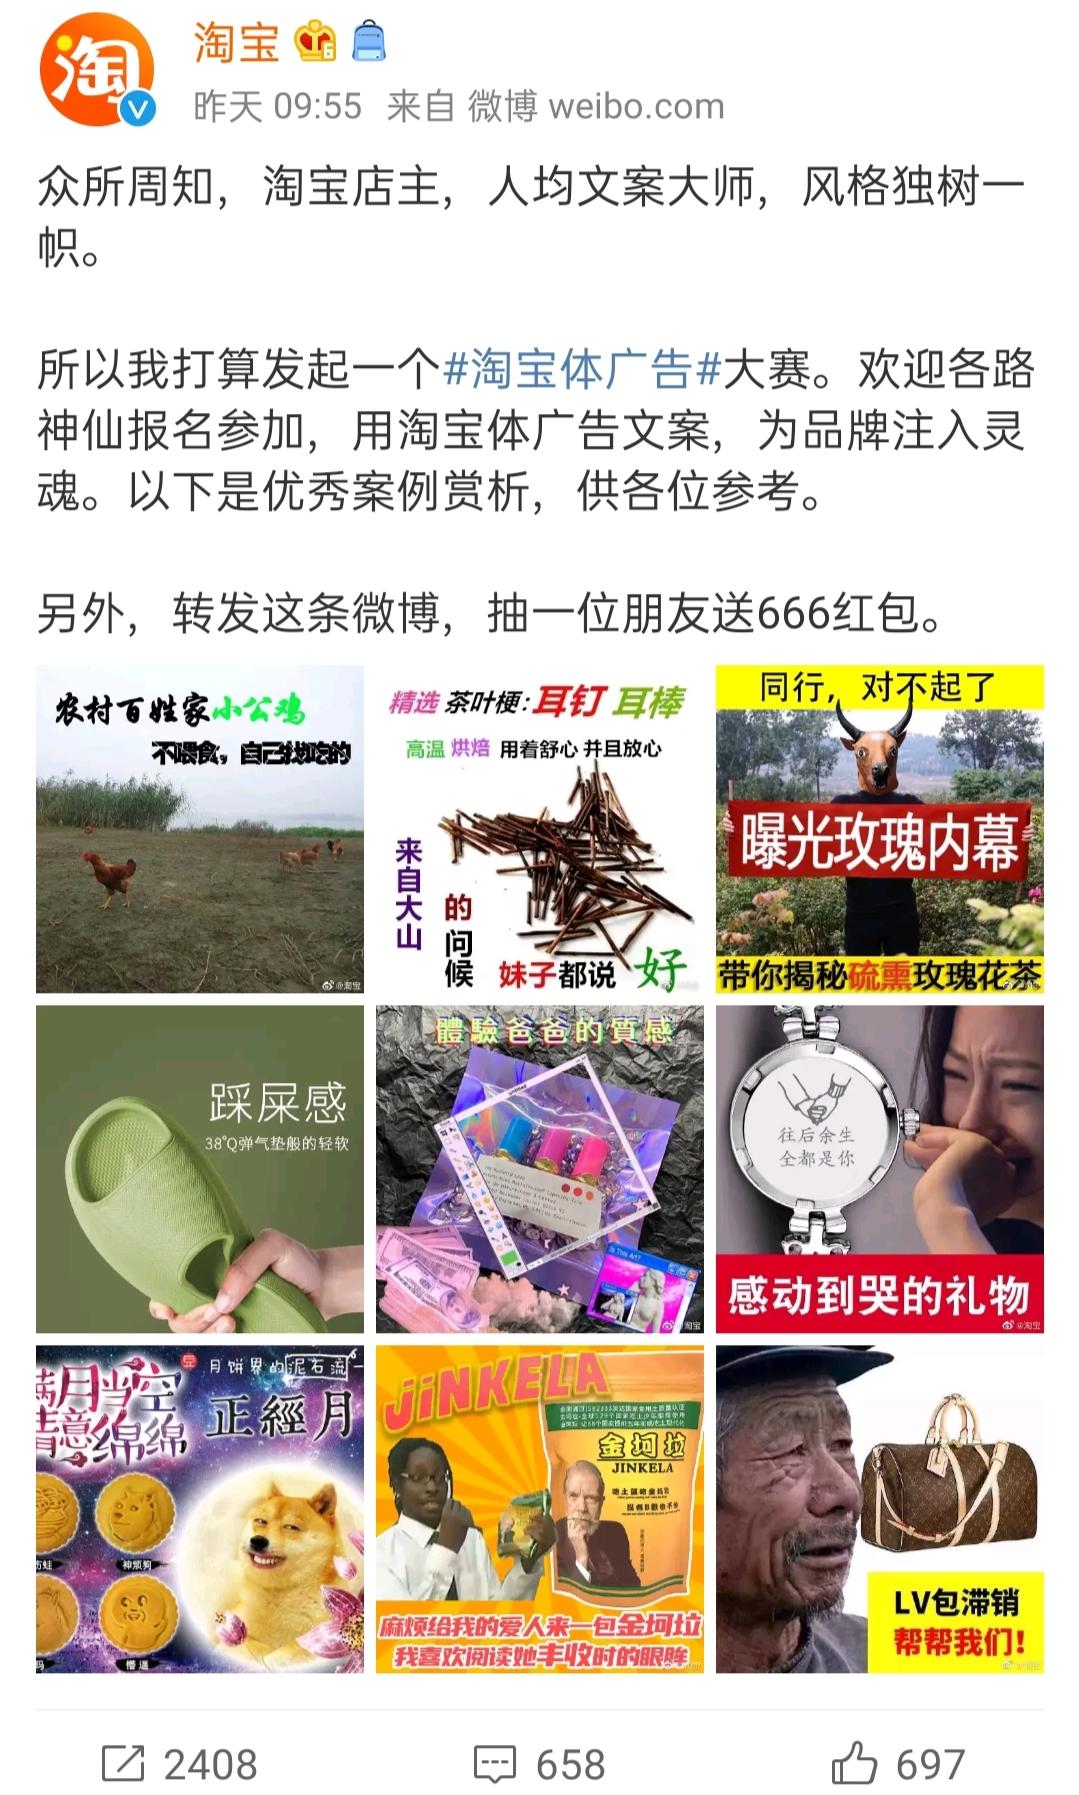 """淘宝体广告,文案界的""""泥石流""""!"""